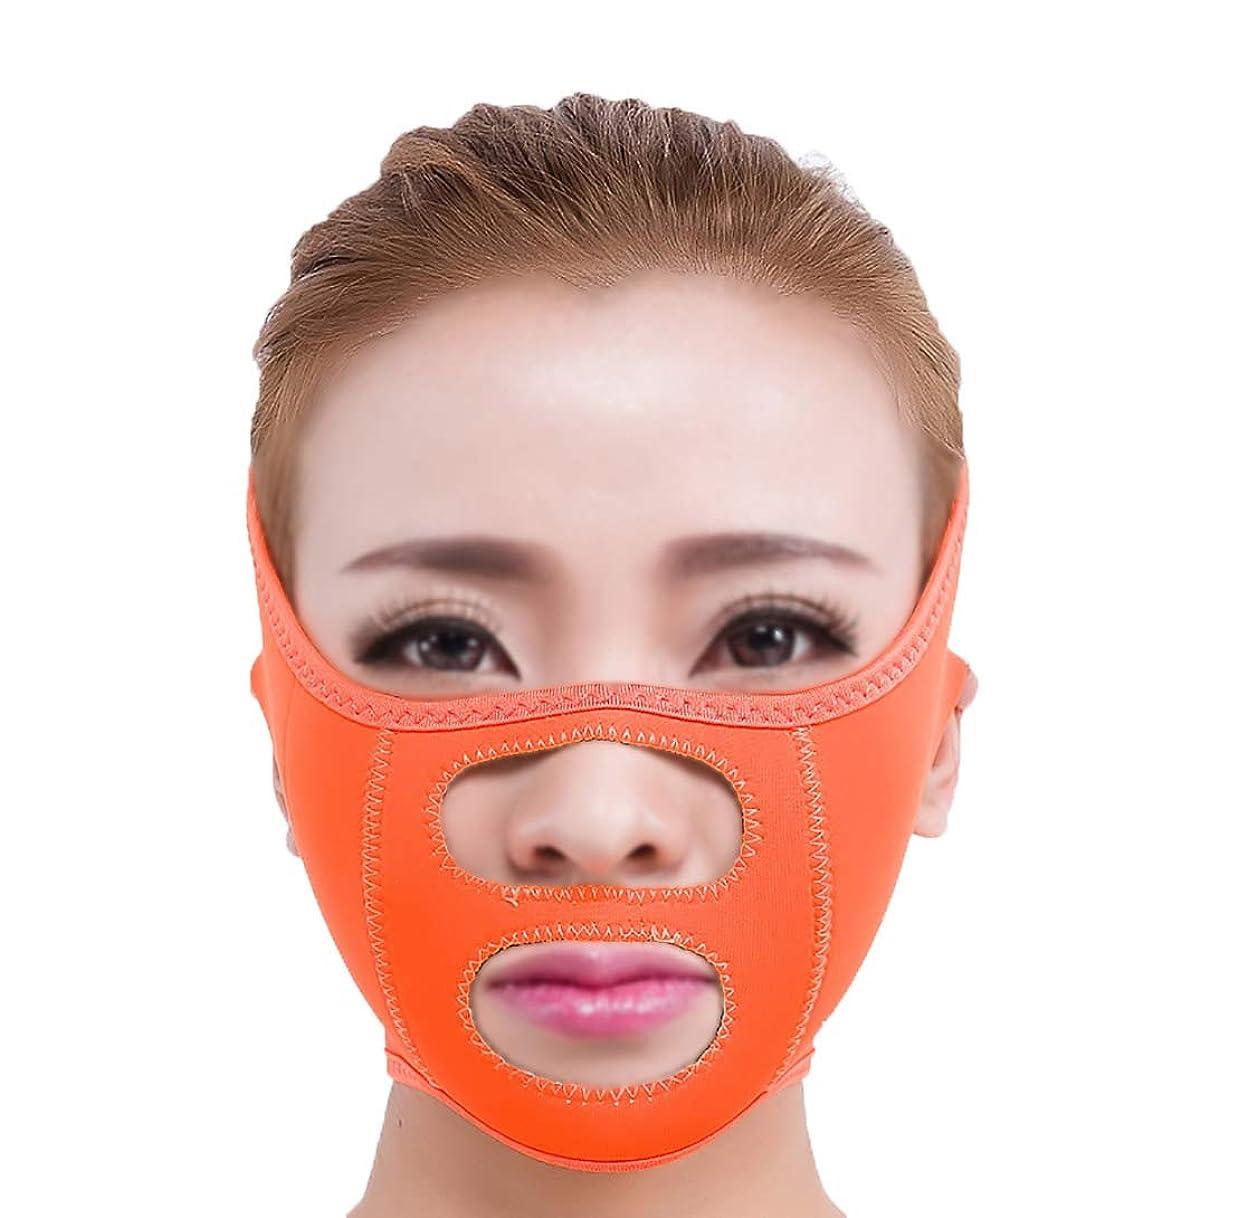 見る無秩序ディレイGLJJQMY スリムベルトマスク薄い顔マスク睡眠薄い顔マスク薄い顔包帯薄い顔アーティファクト薄い顔薄い顔薄い顔小さいV顔睡眠薄い顔ベルト 顔用整形マスク (Color : Blue)